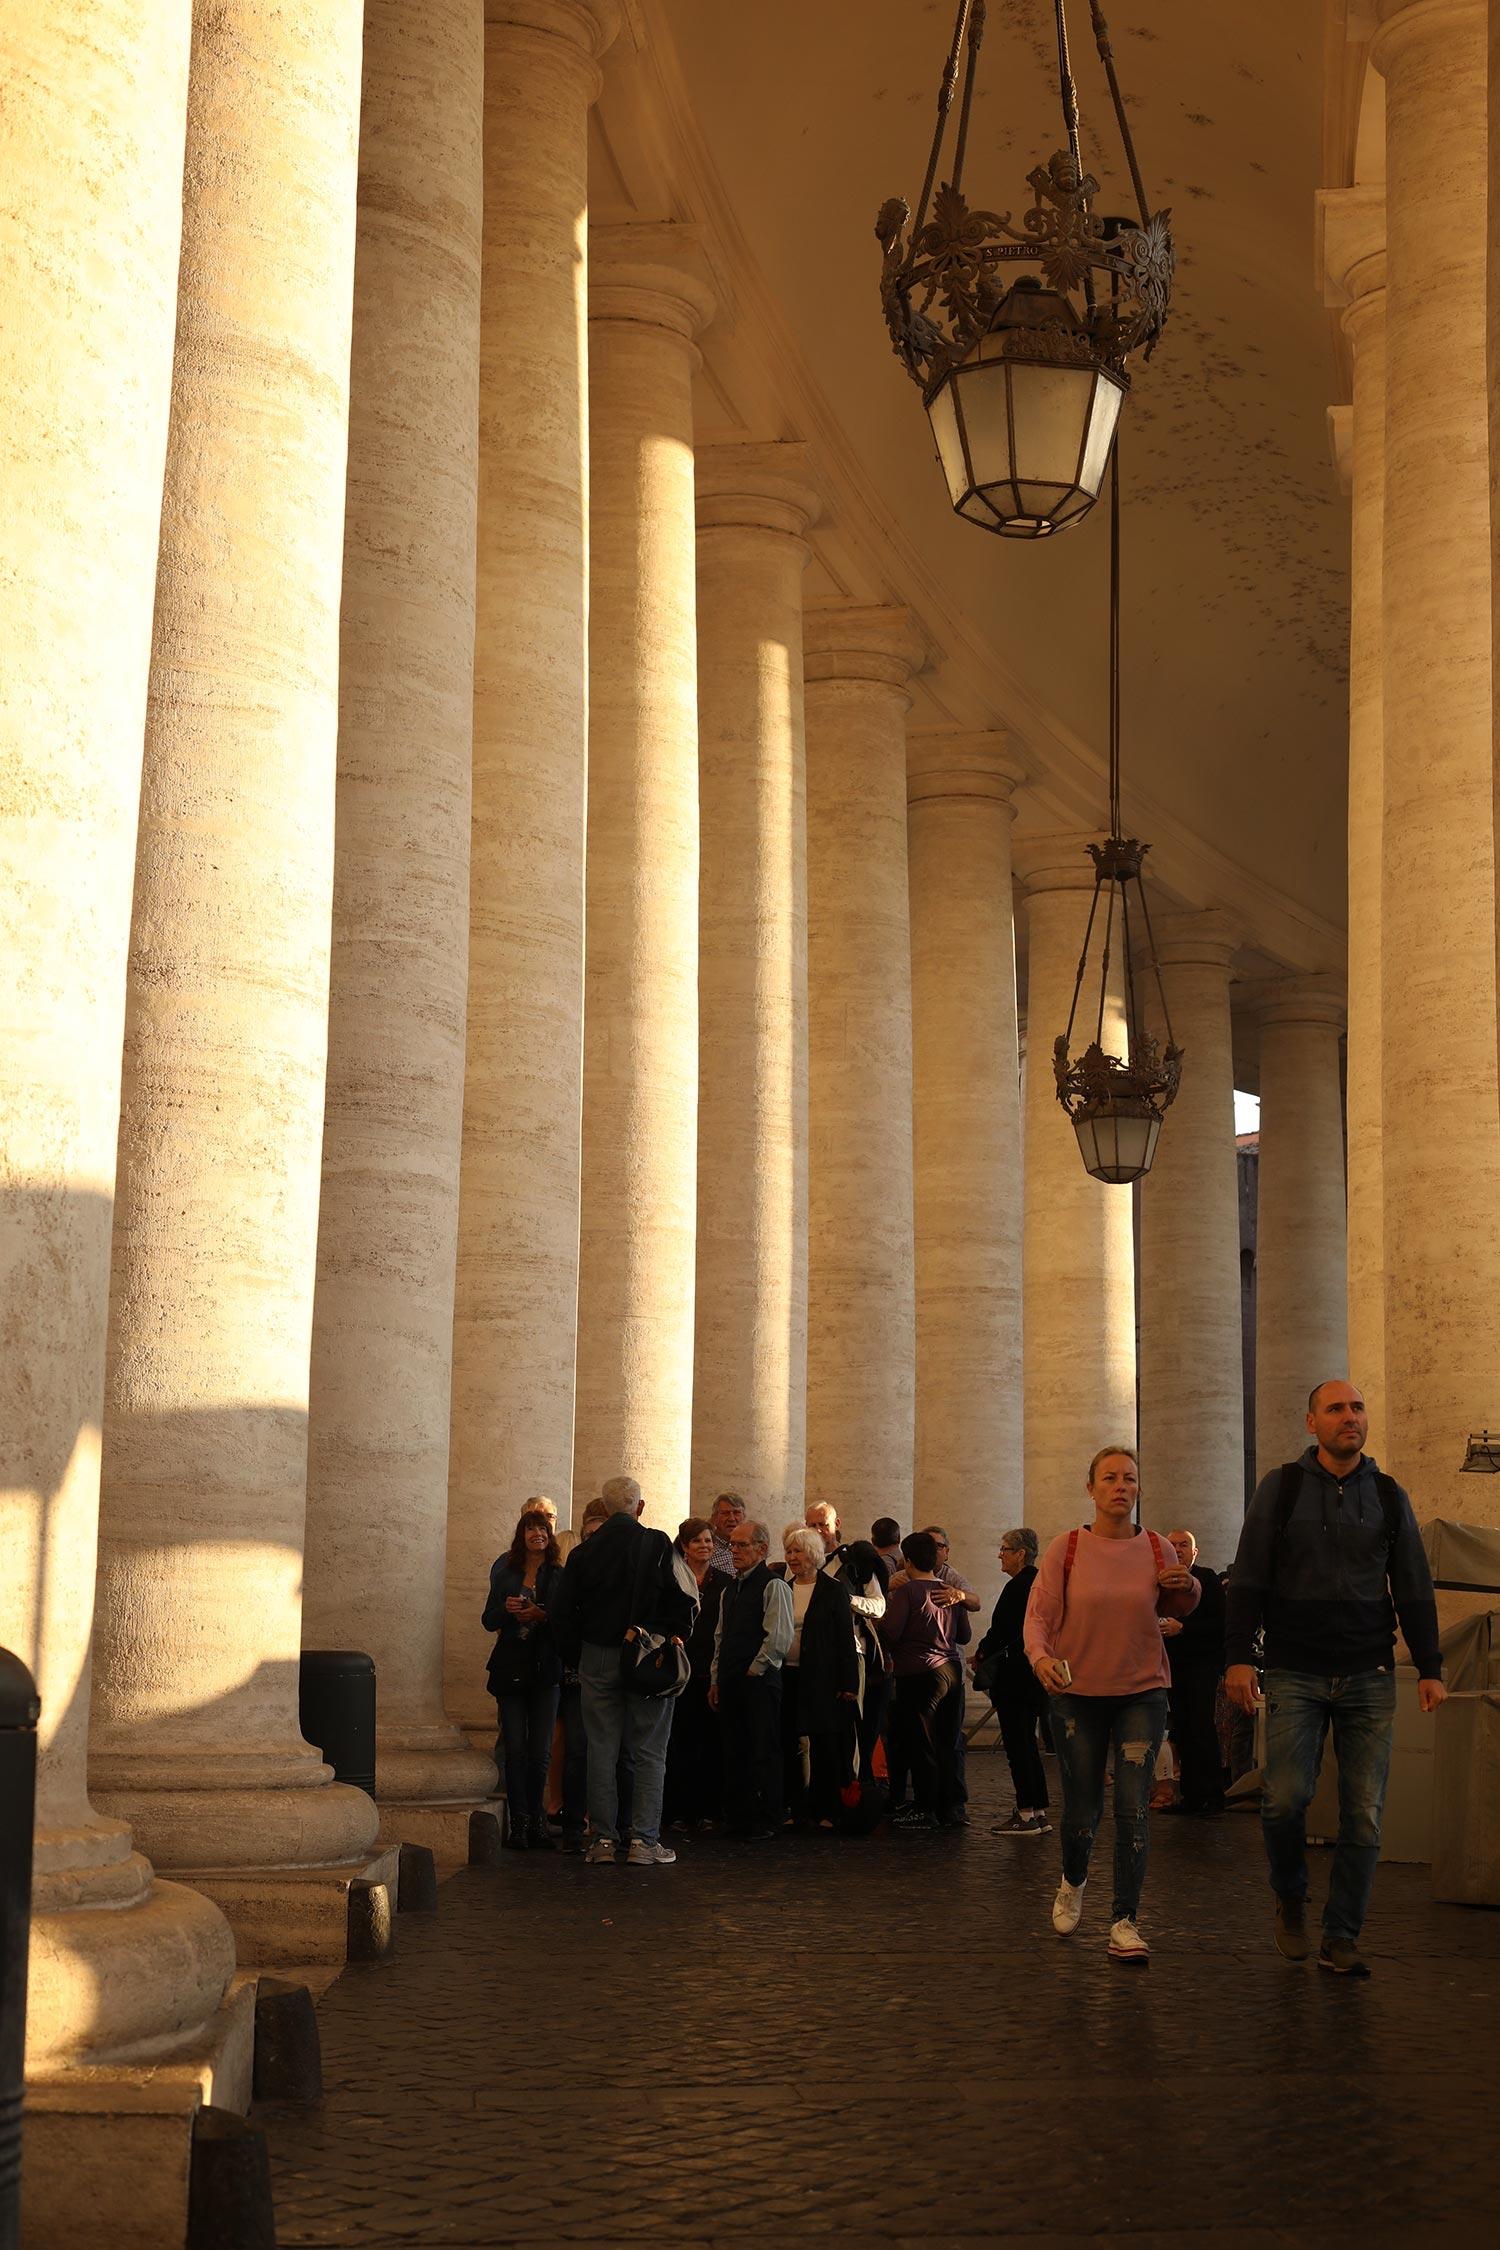 Pilgrimage_Rome_3271_Stpeters.jpg